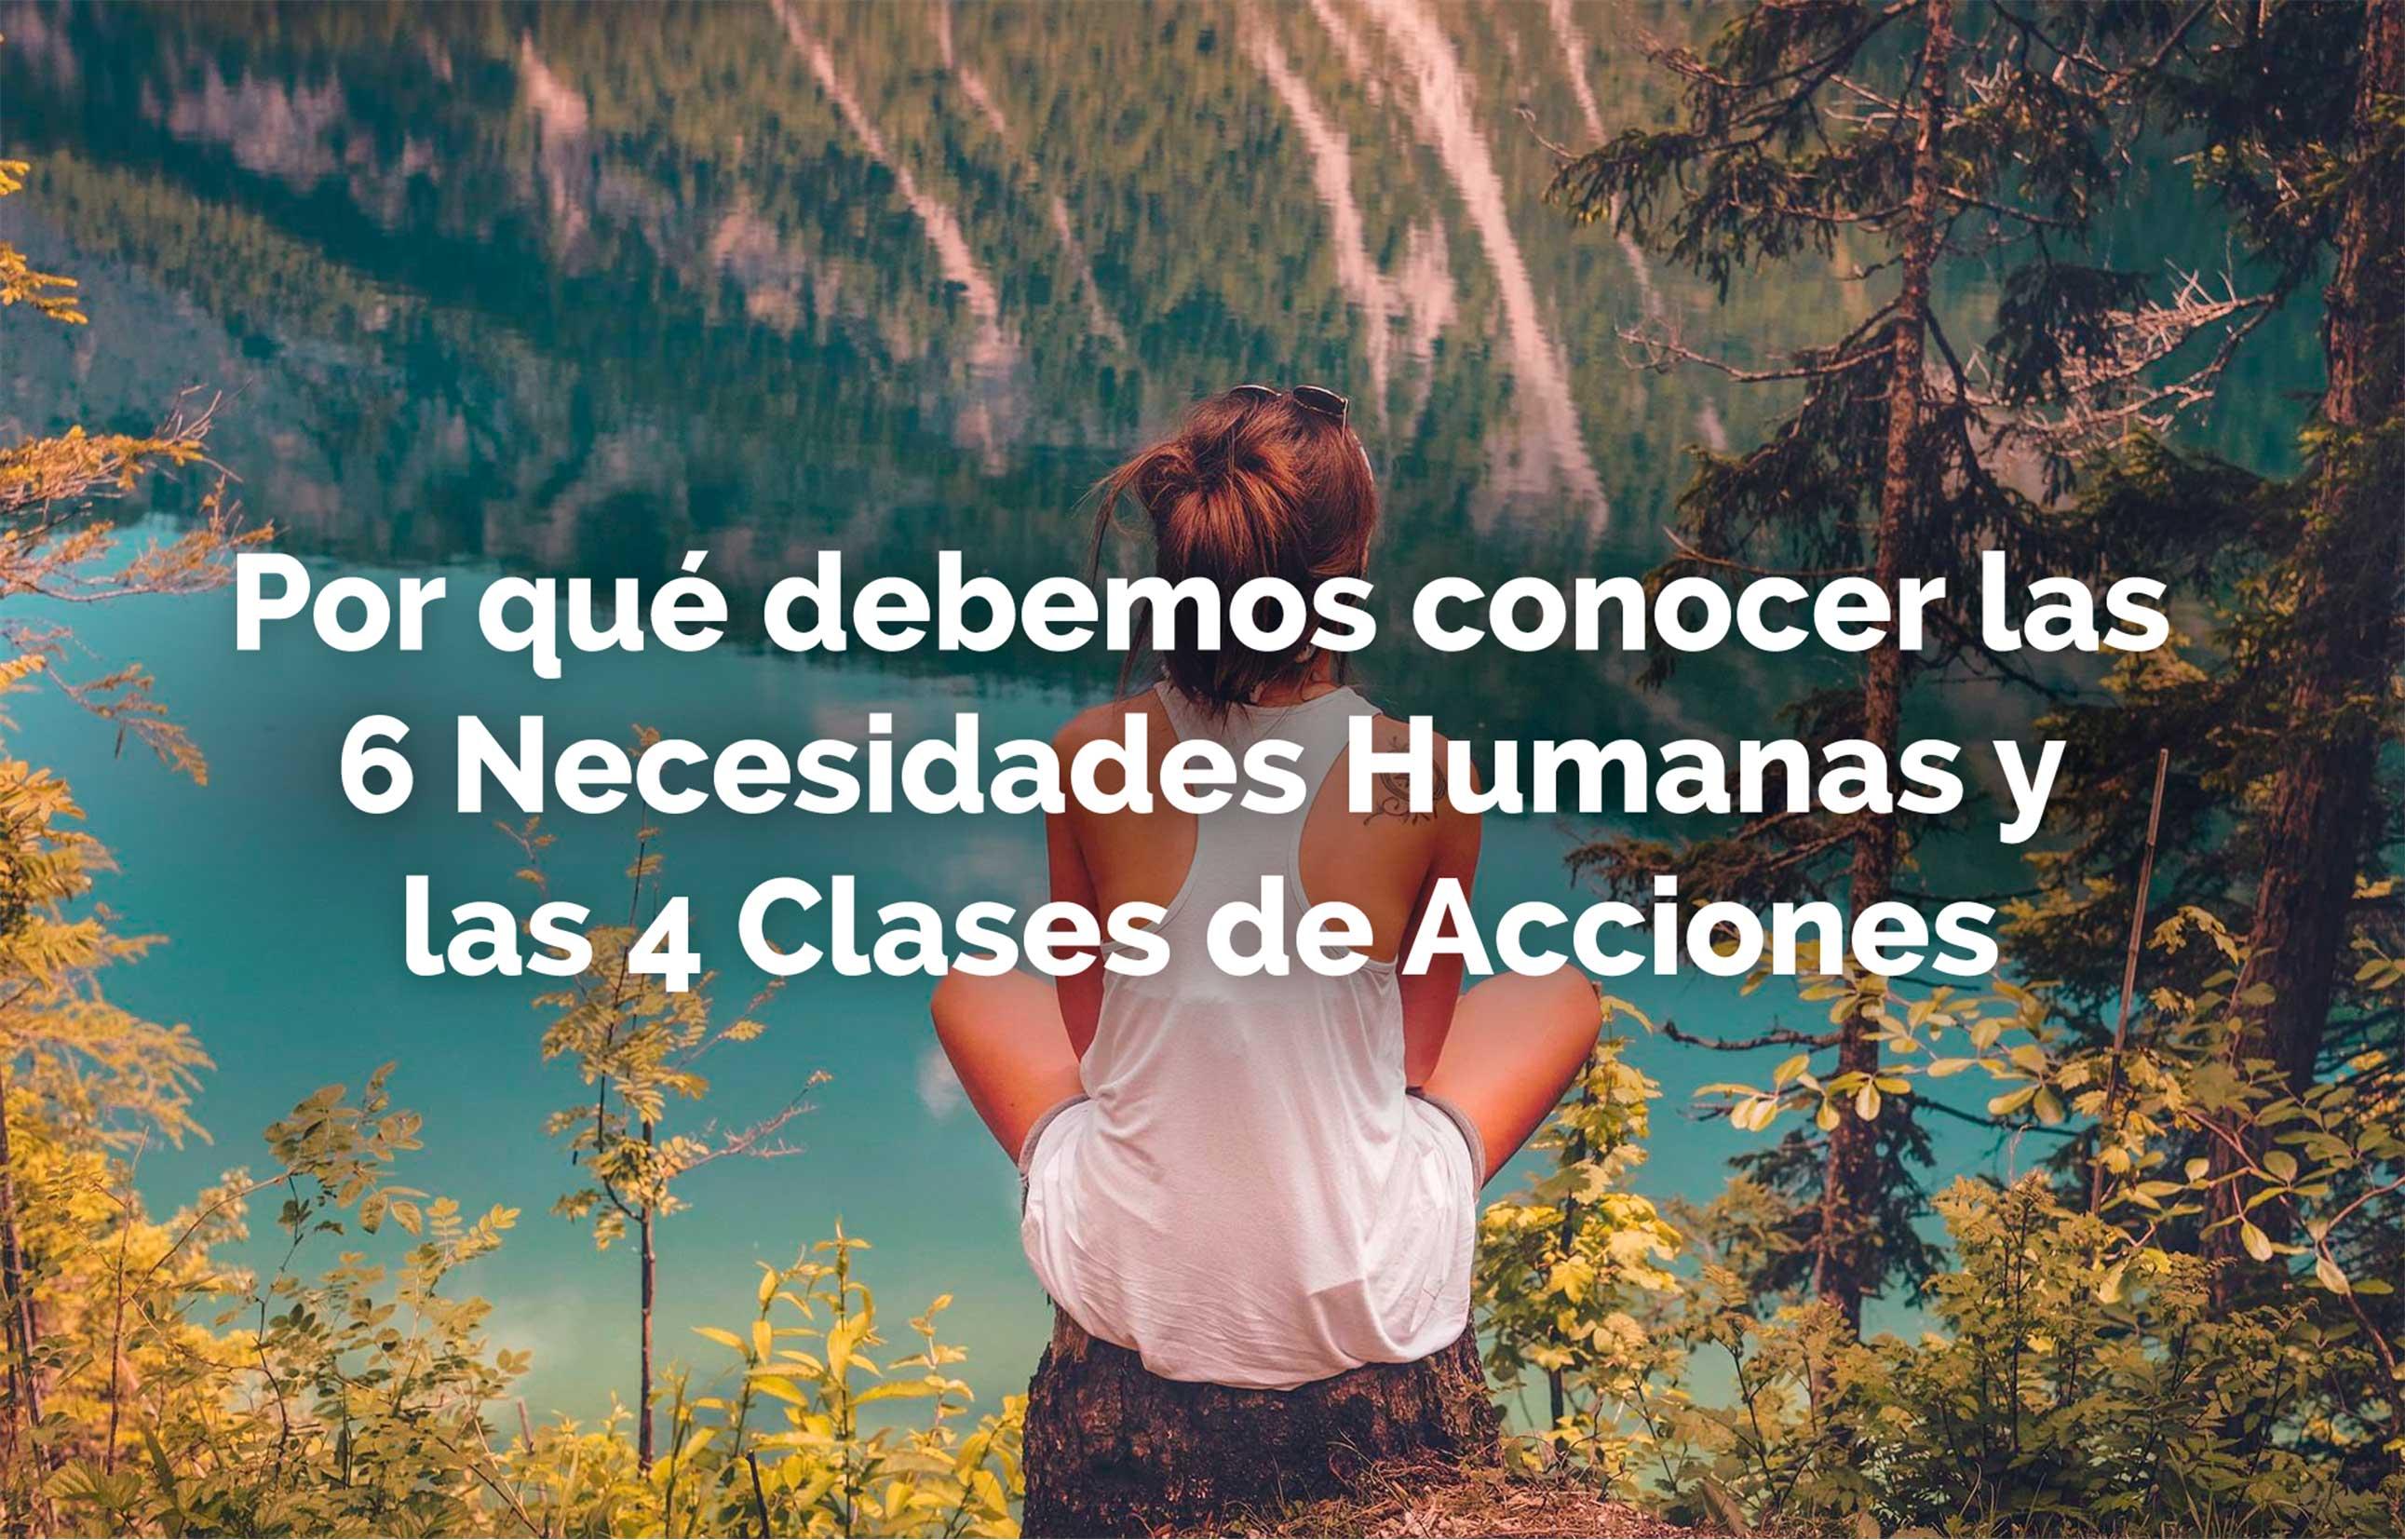 Por qué debemos conocer las 6 Necesidades Humanas y las 4 Clases de Acciones